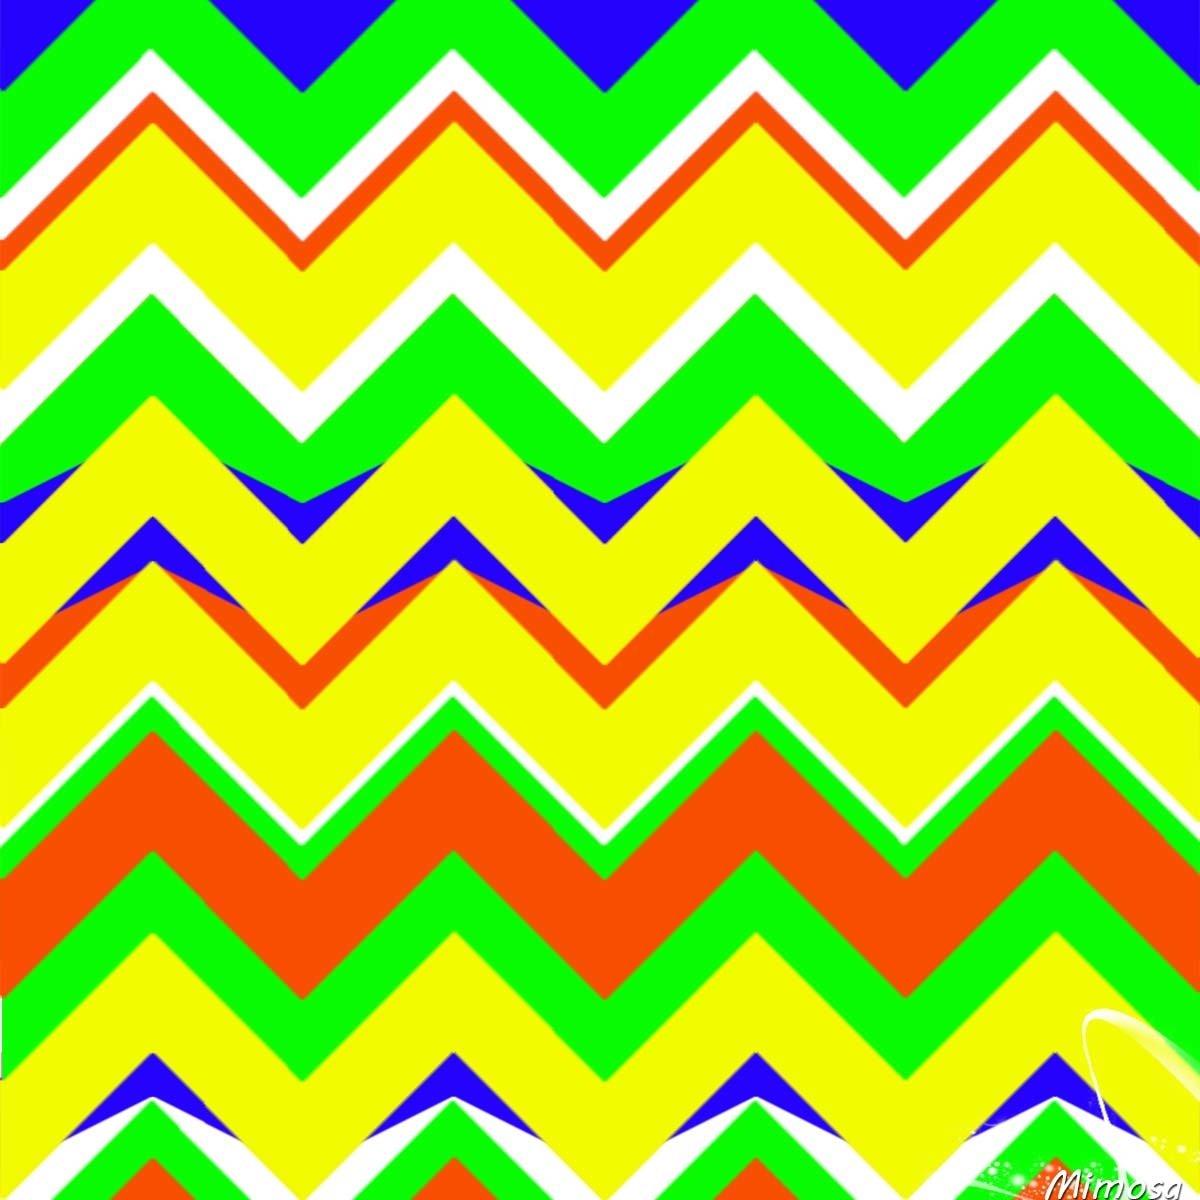 Art ID: 115169